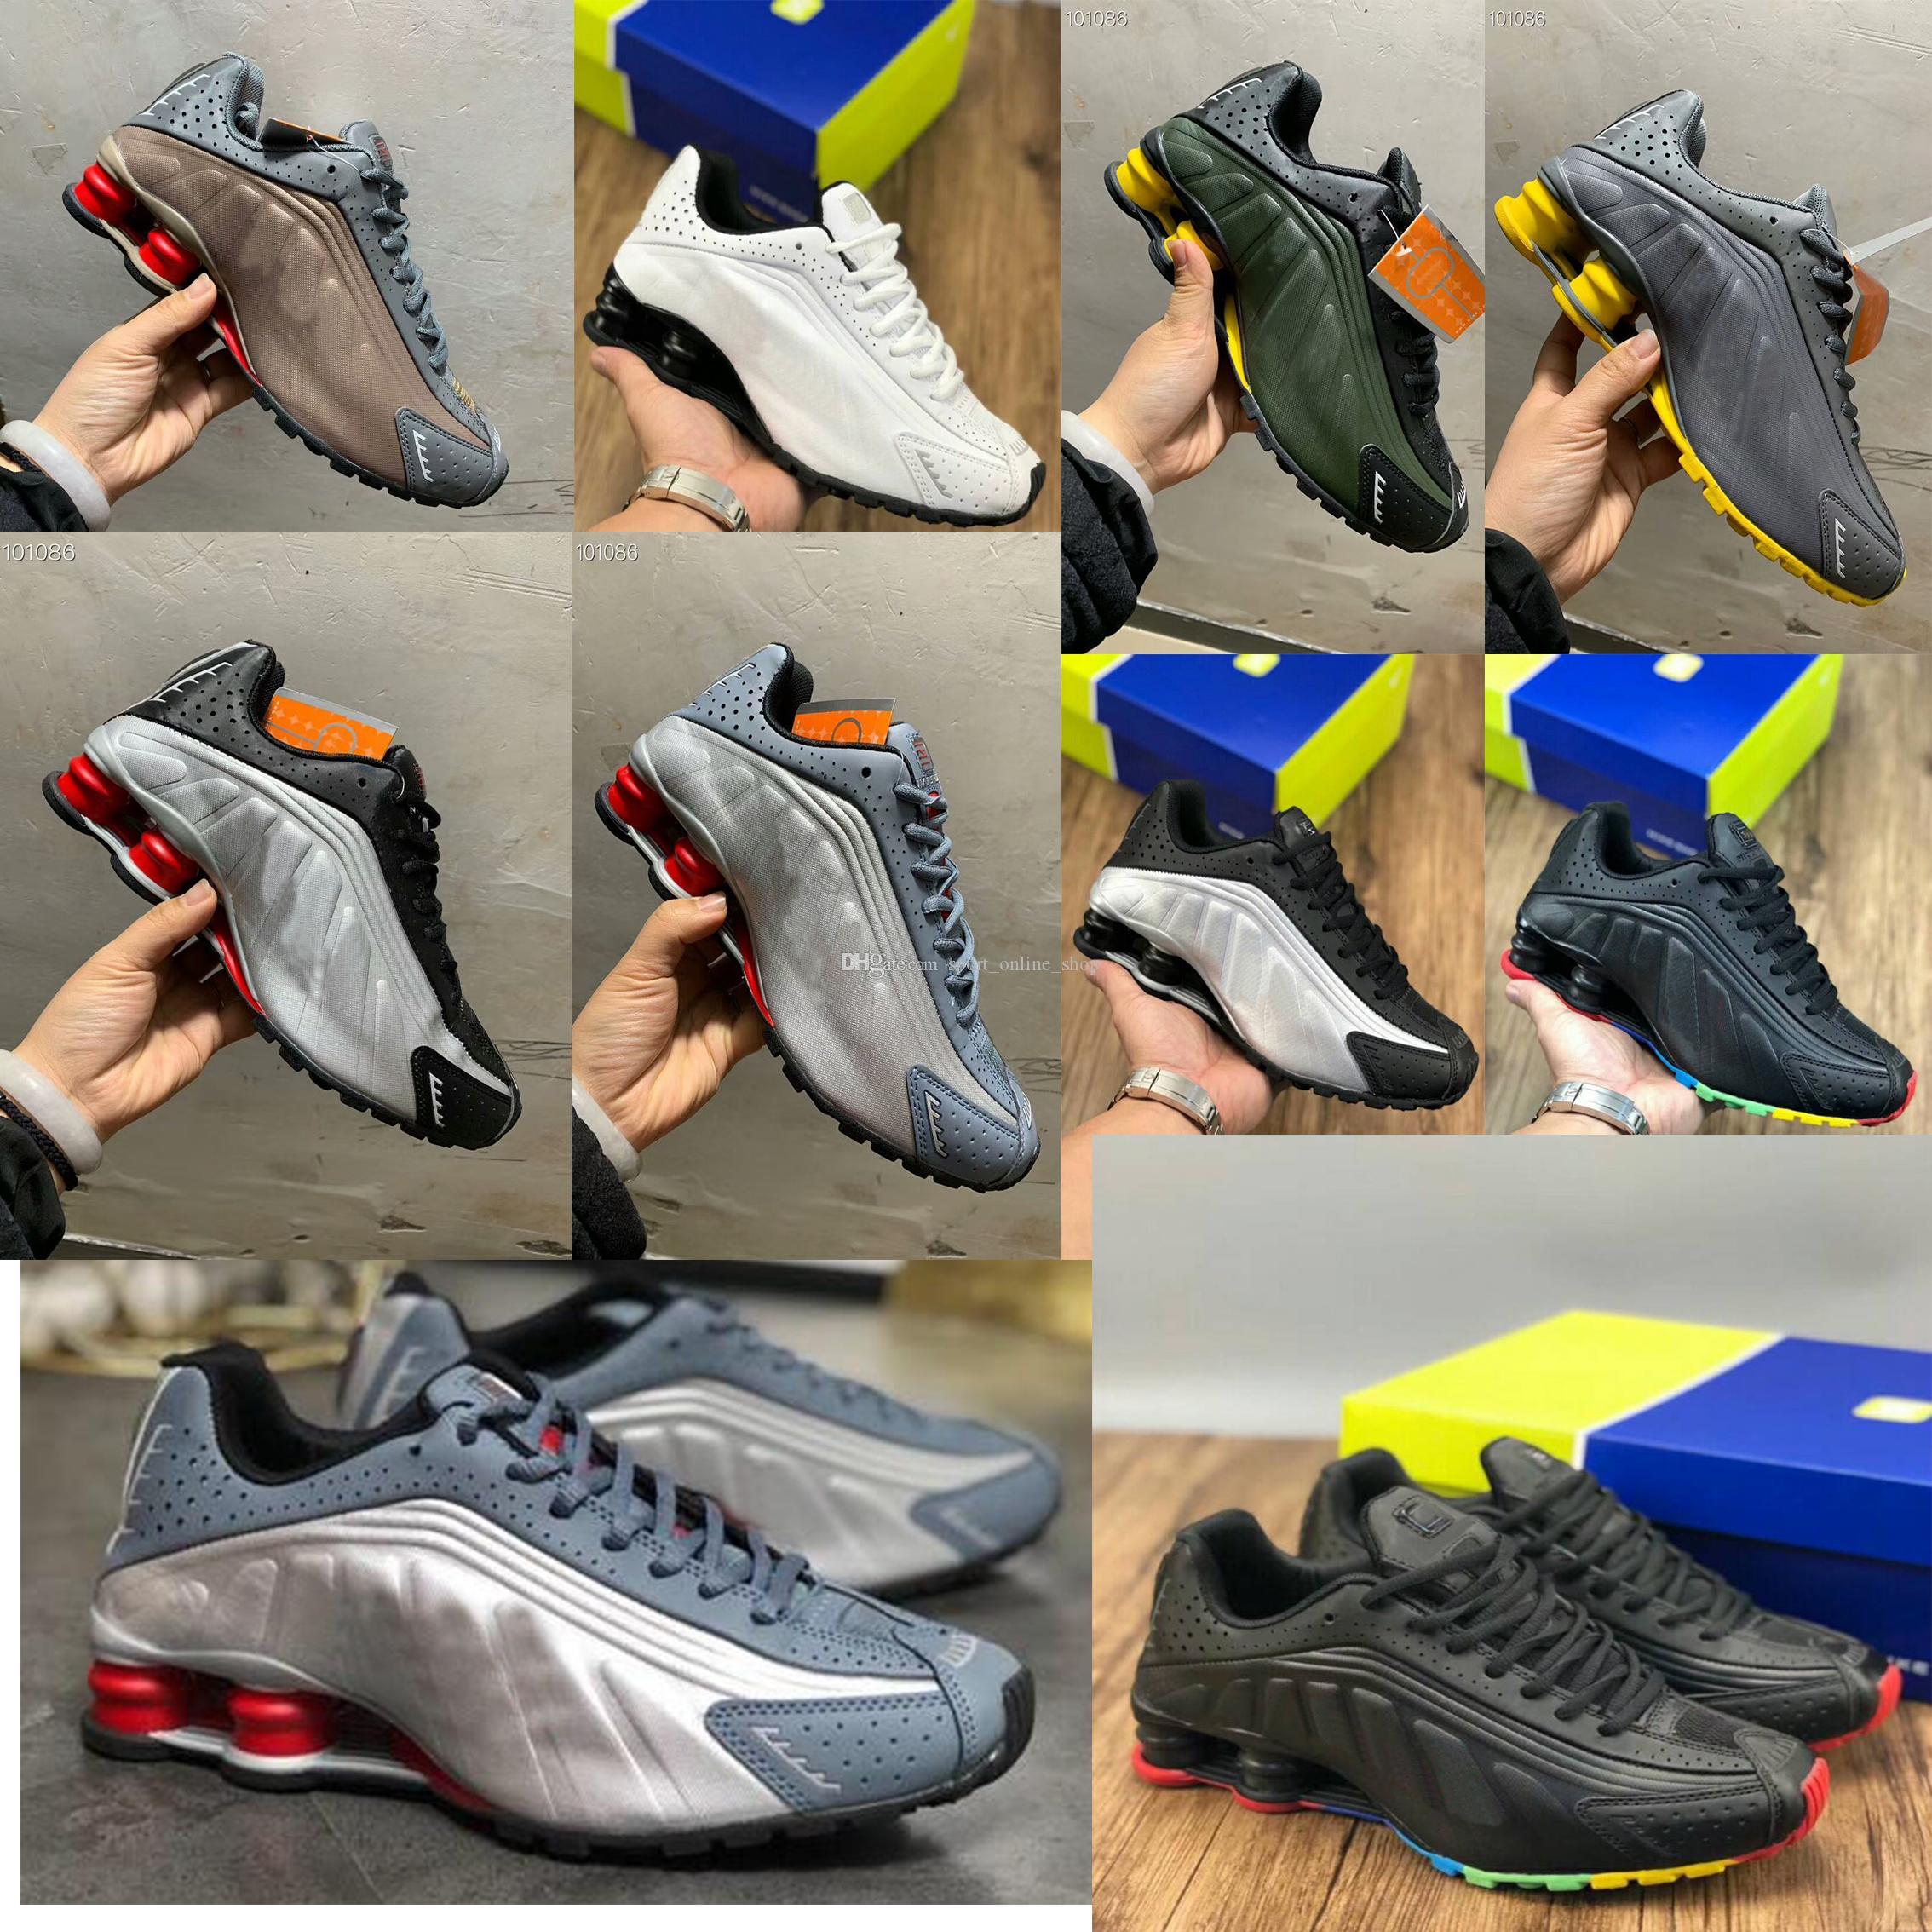 706695f5 Acheter 2019 Nouveau Zapatos Hombre Shox Hommes Chaussures De Sport  Chaussures R4 Nz Hommes Designer Sneakers Homme Sport Trianers Tn Tailles  Eur40 45 De ...